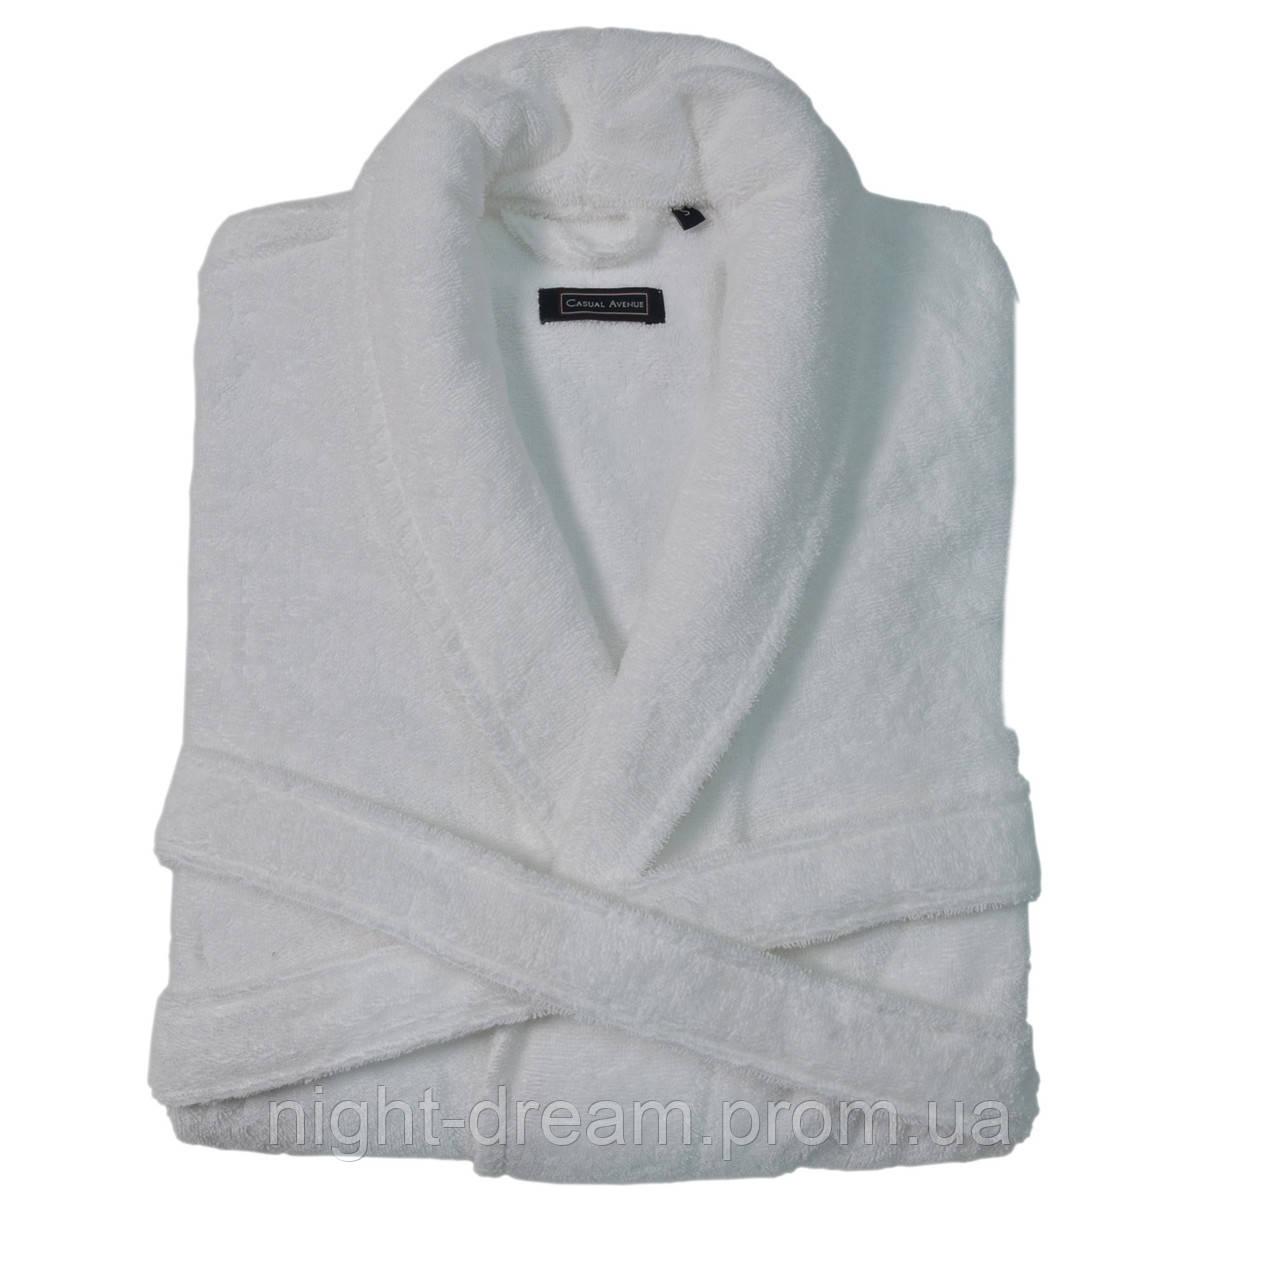 Белый халат купить